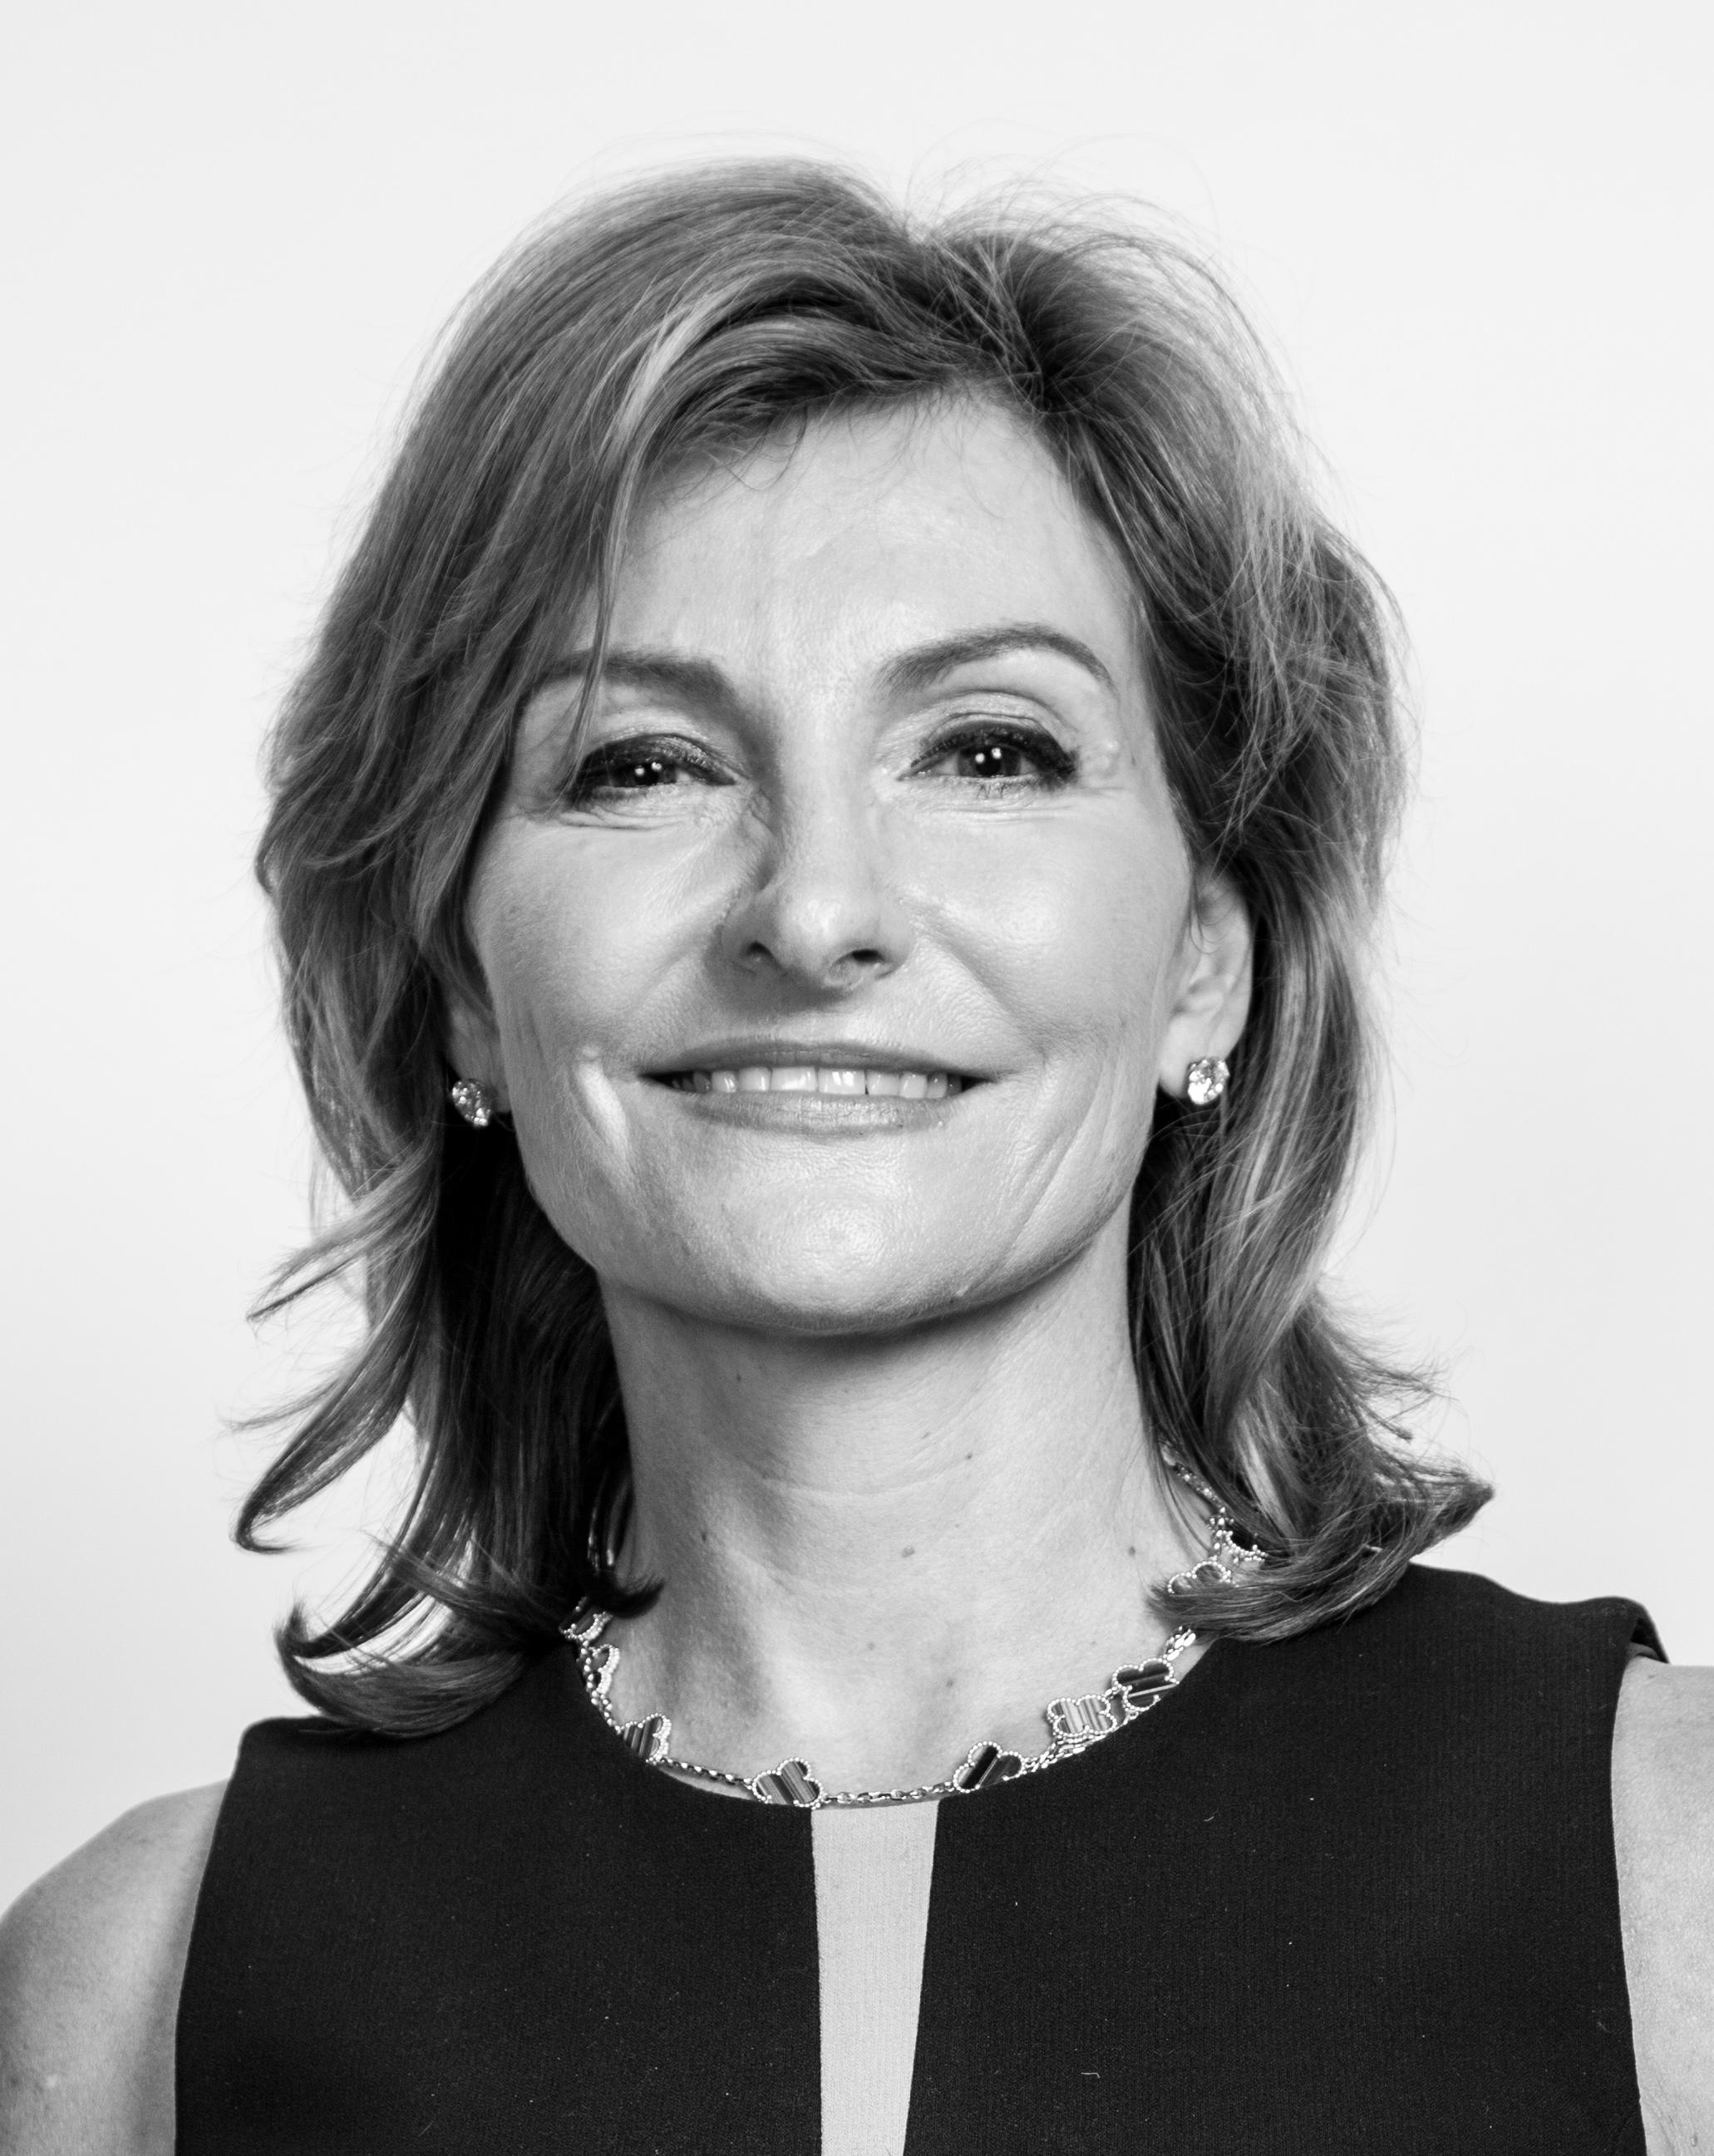 Bridget van Kralingen, SVP, IBM Global Business Services